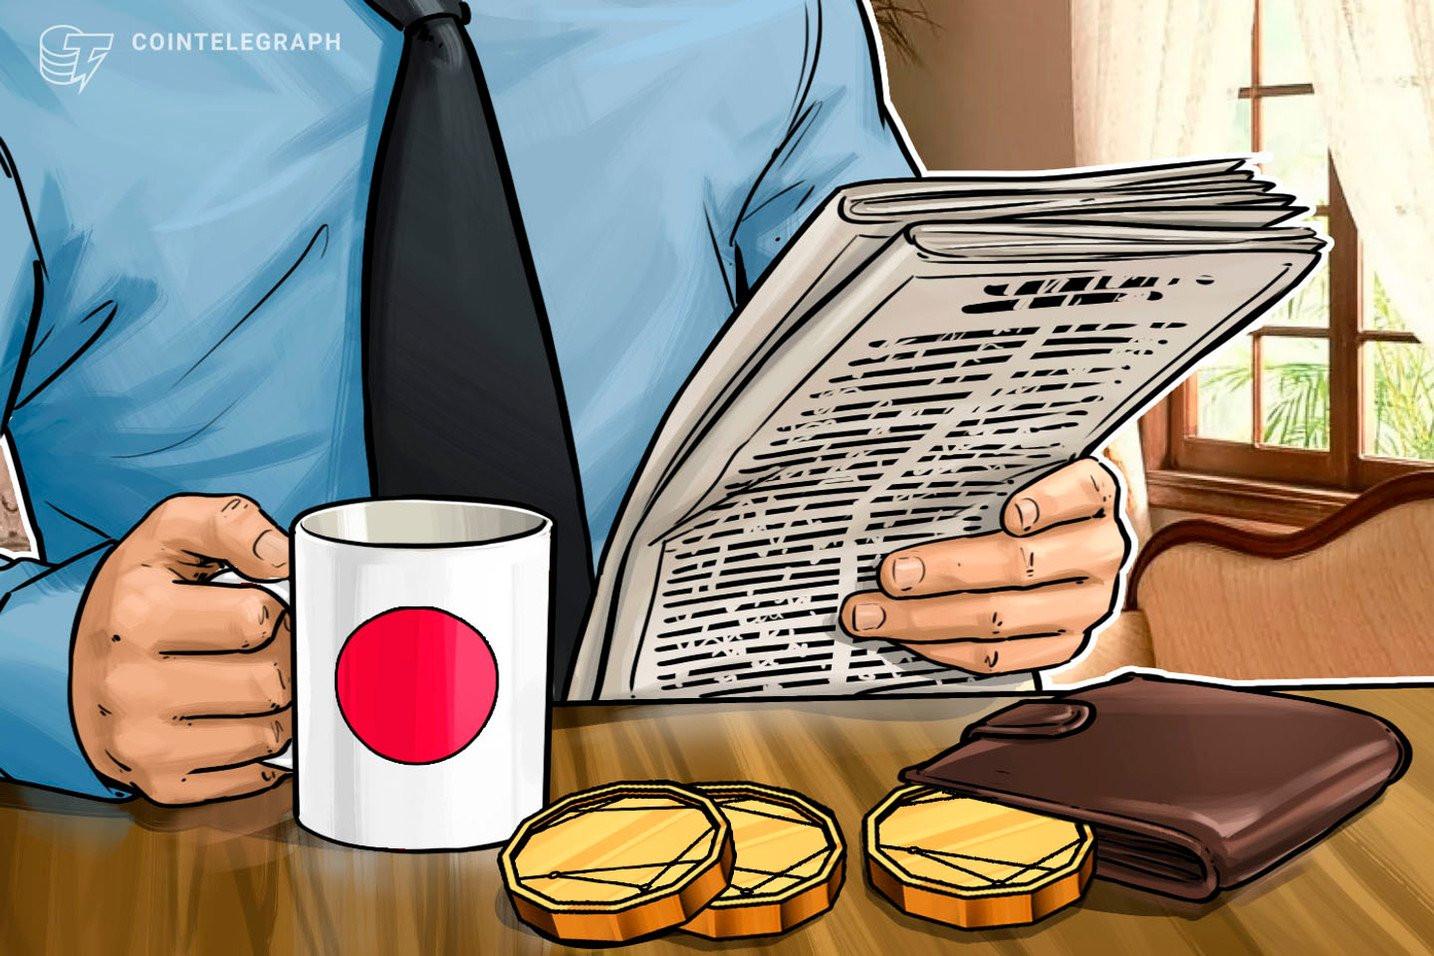 日本セキュリティトークン協会(JSTA)にブロックチェーン分析企業「マークルサイエンス」加入